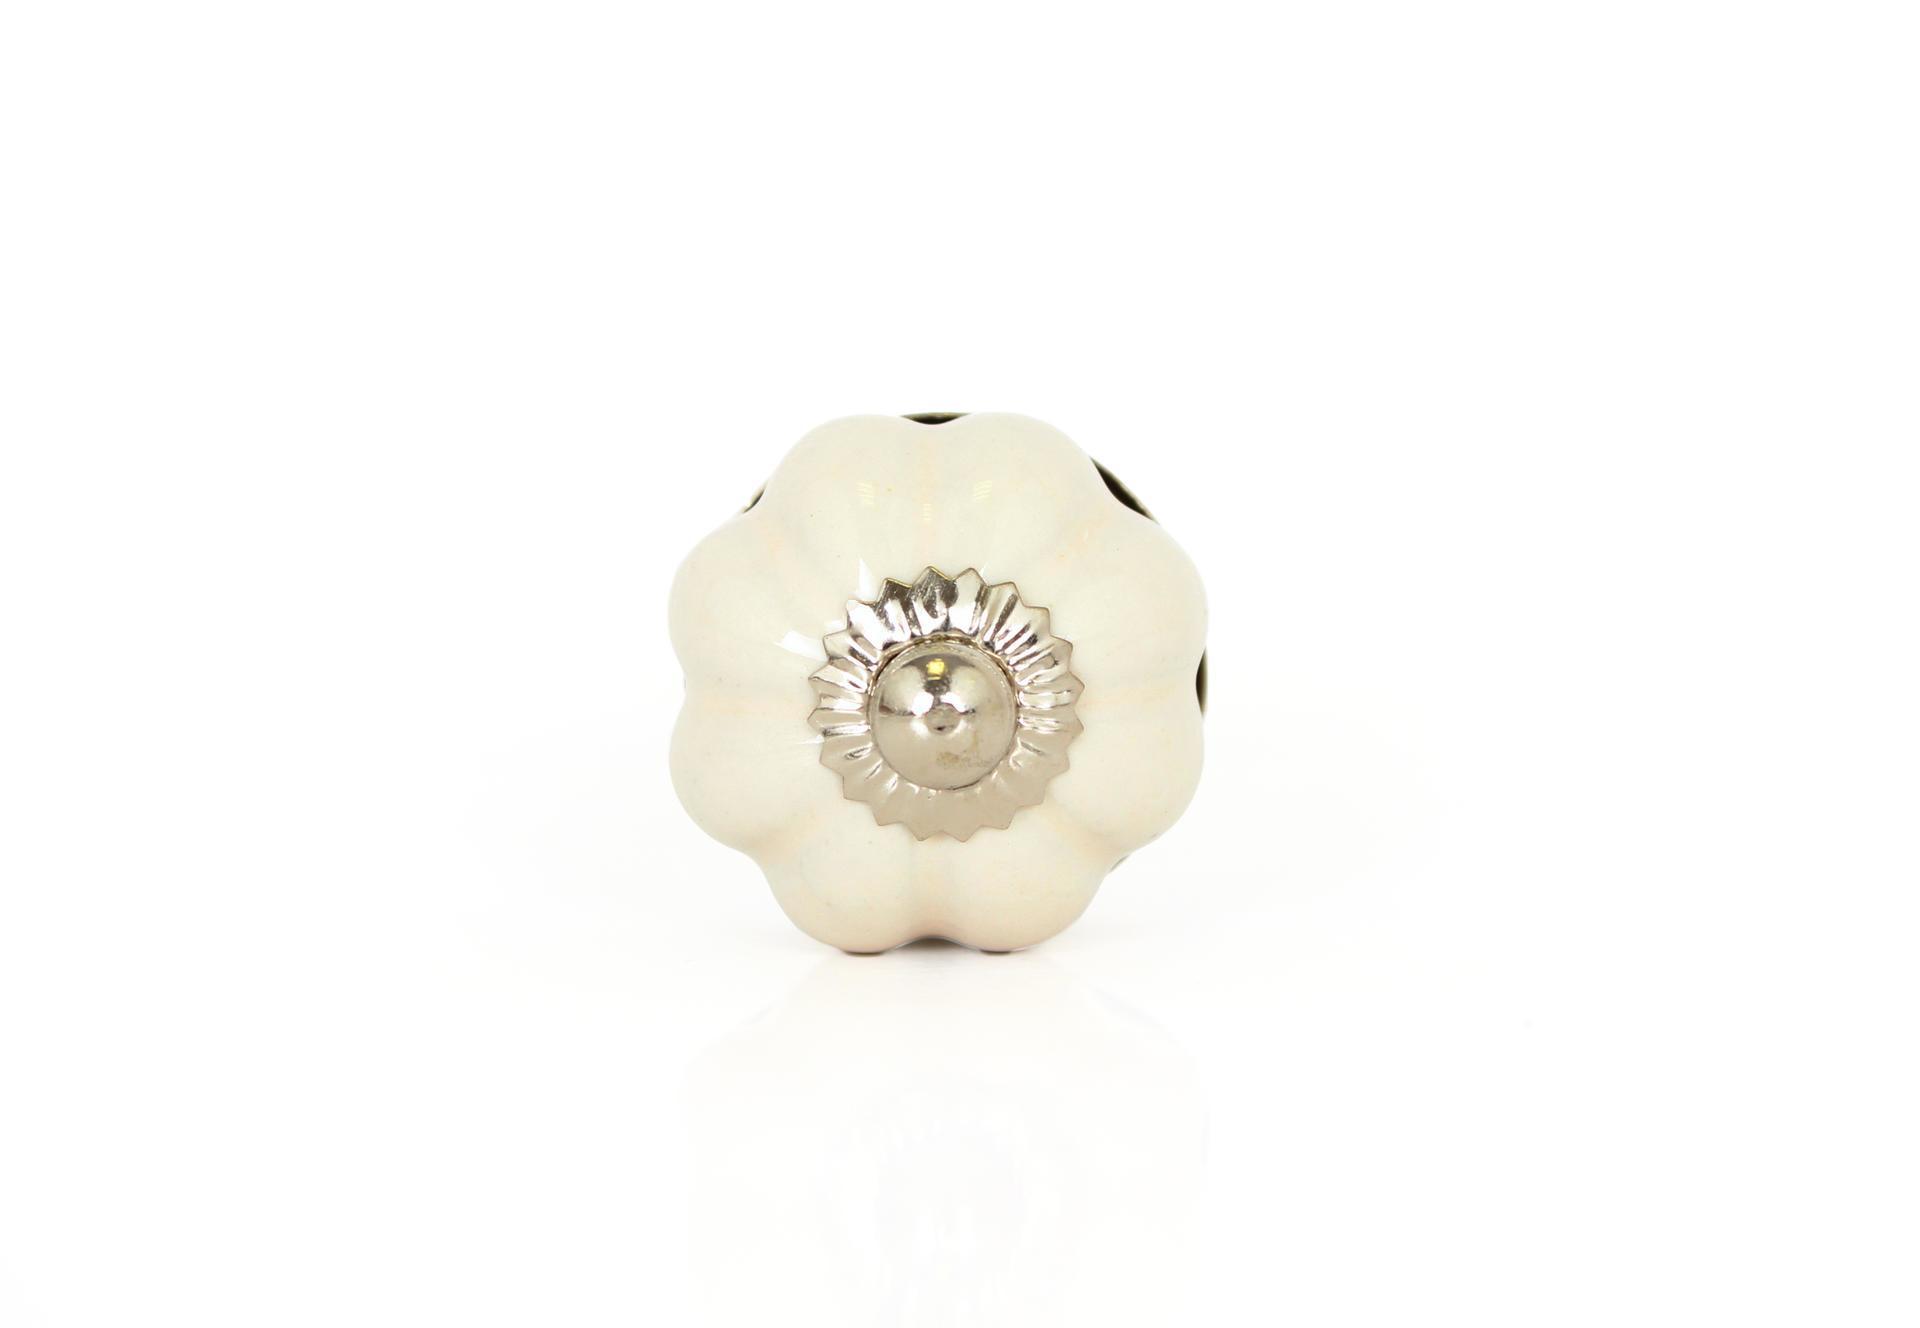 La finesse Porcelánová úchytka Cream small, béžová barva, porcelán